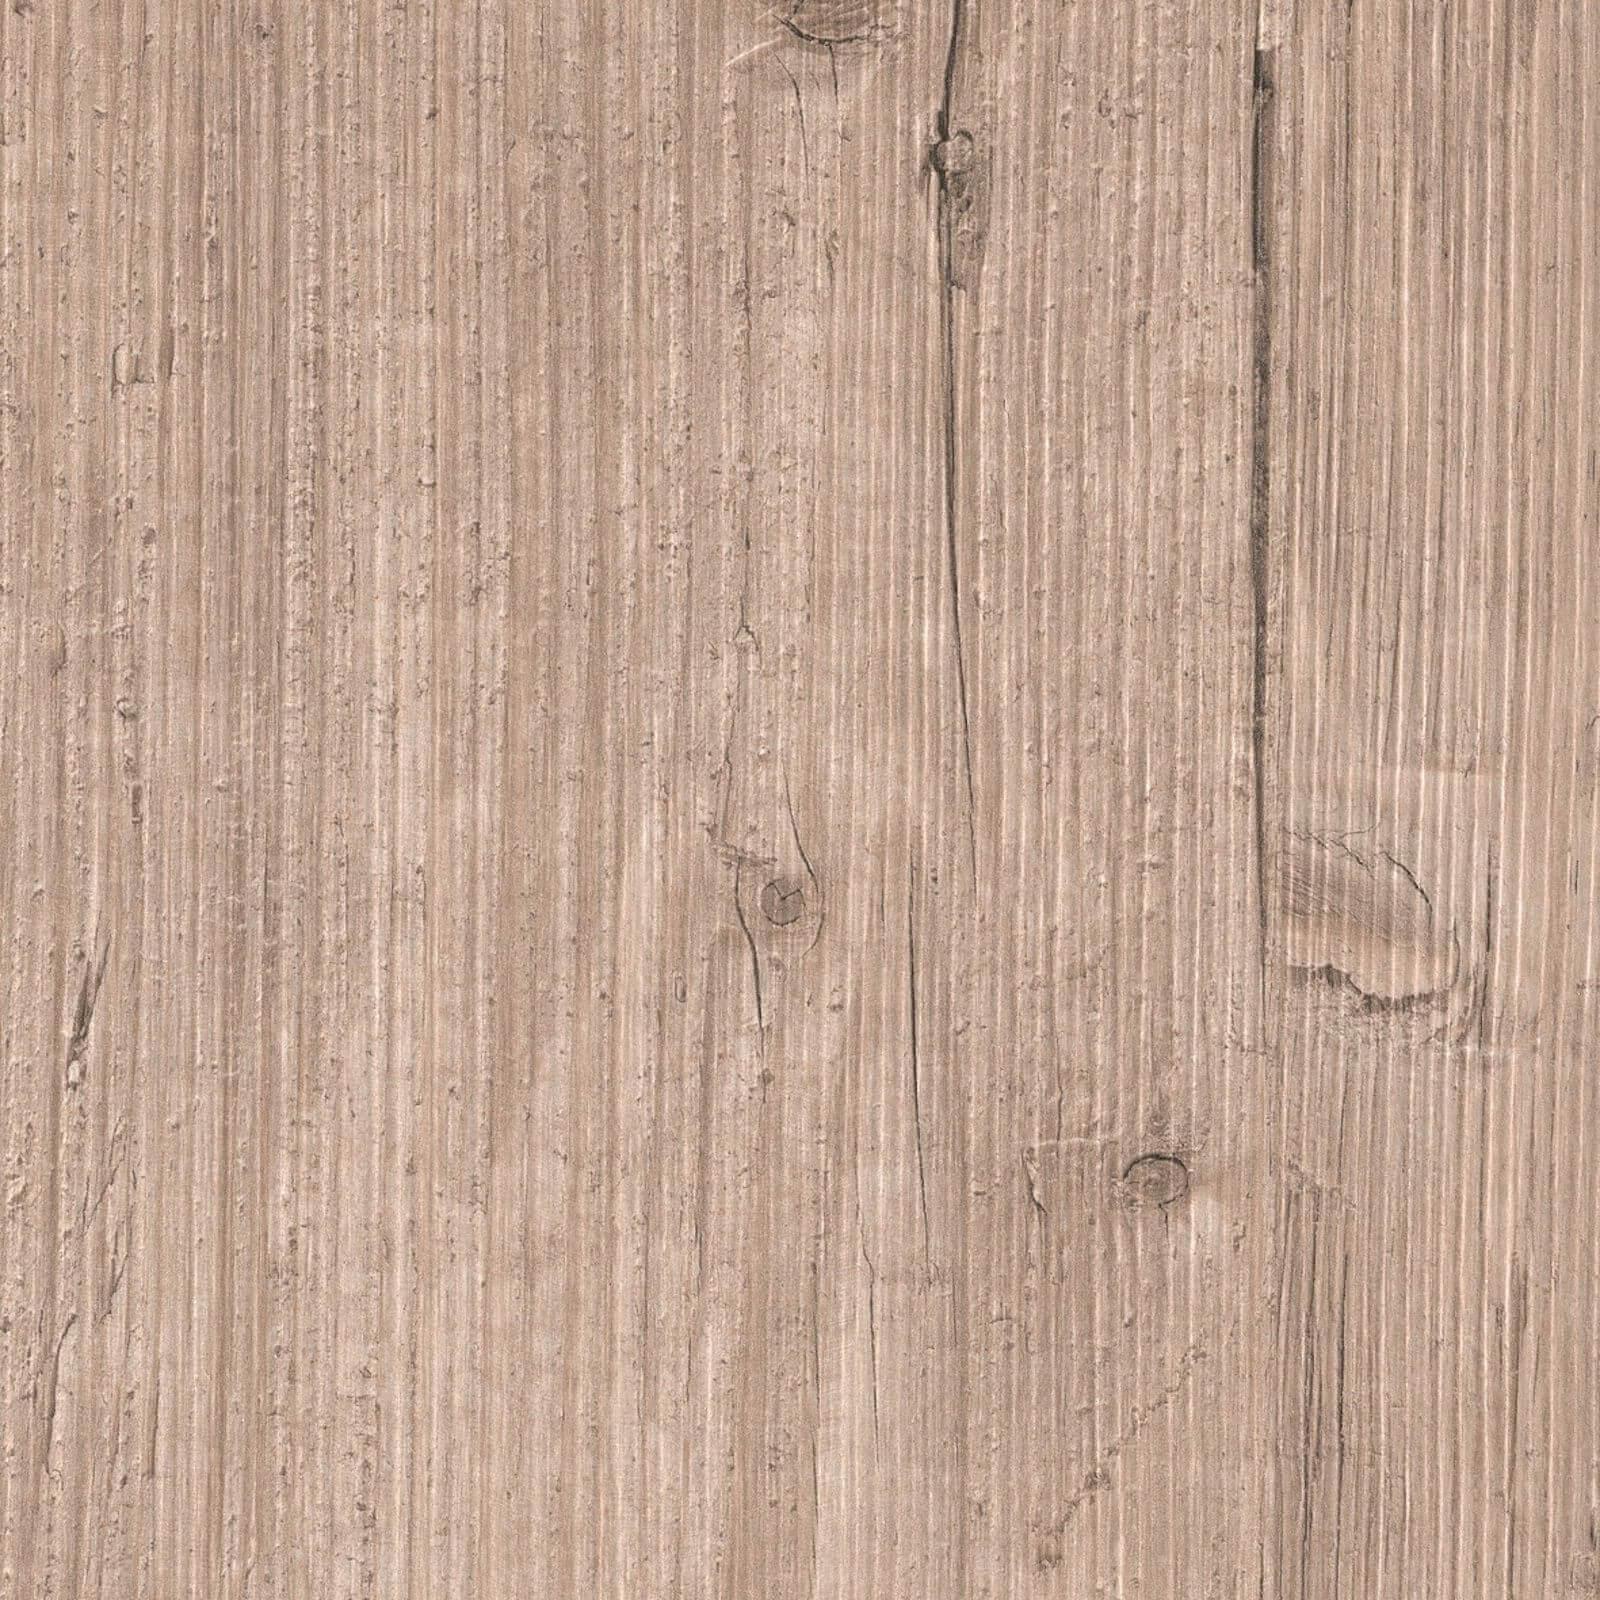 Pinenut Kitchen Upstand - 300 x 7 x 1.2cm